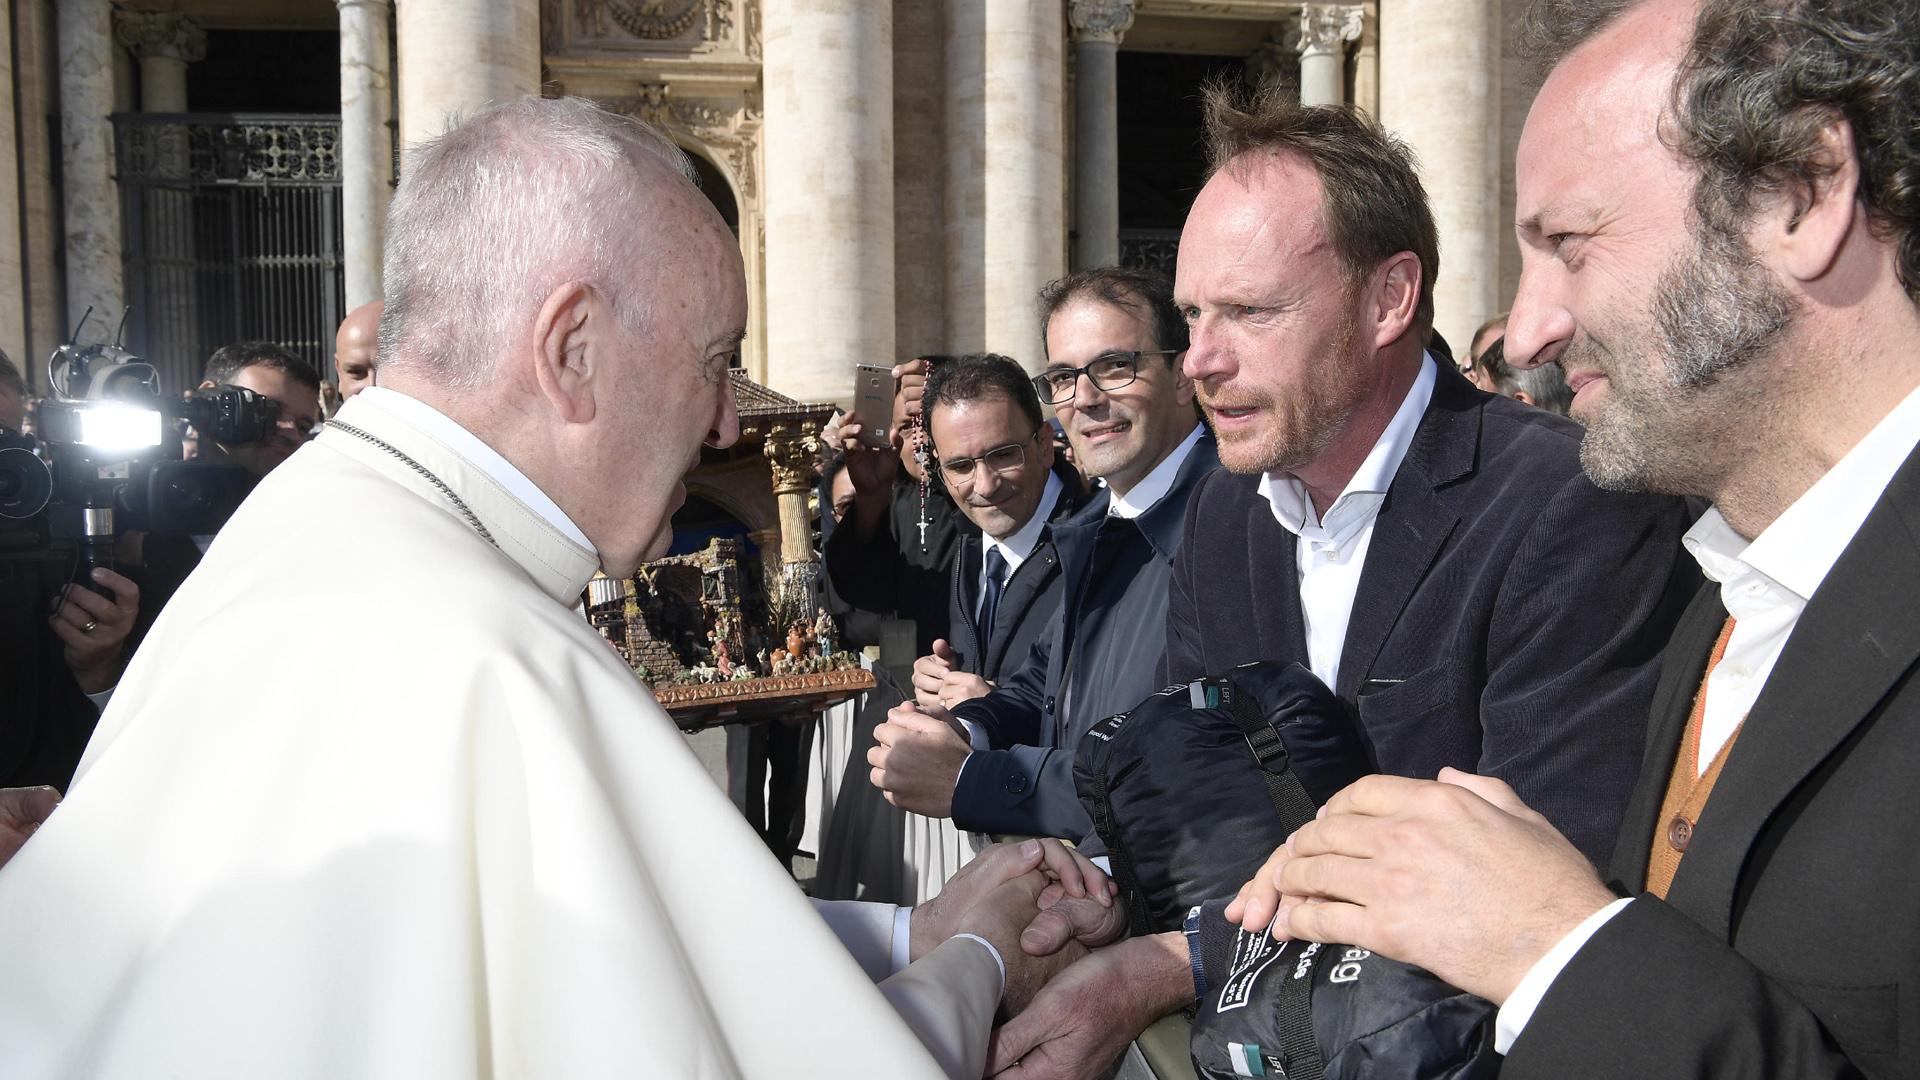 """Moderator Schmidt Max (rechts) besucht in der Folge """"Schmidt Max und die Audienz beim Papst"""" Papst Franziskus im Vatikan"""